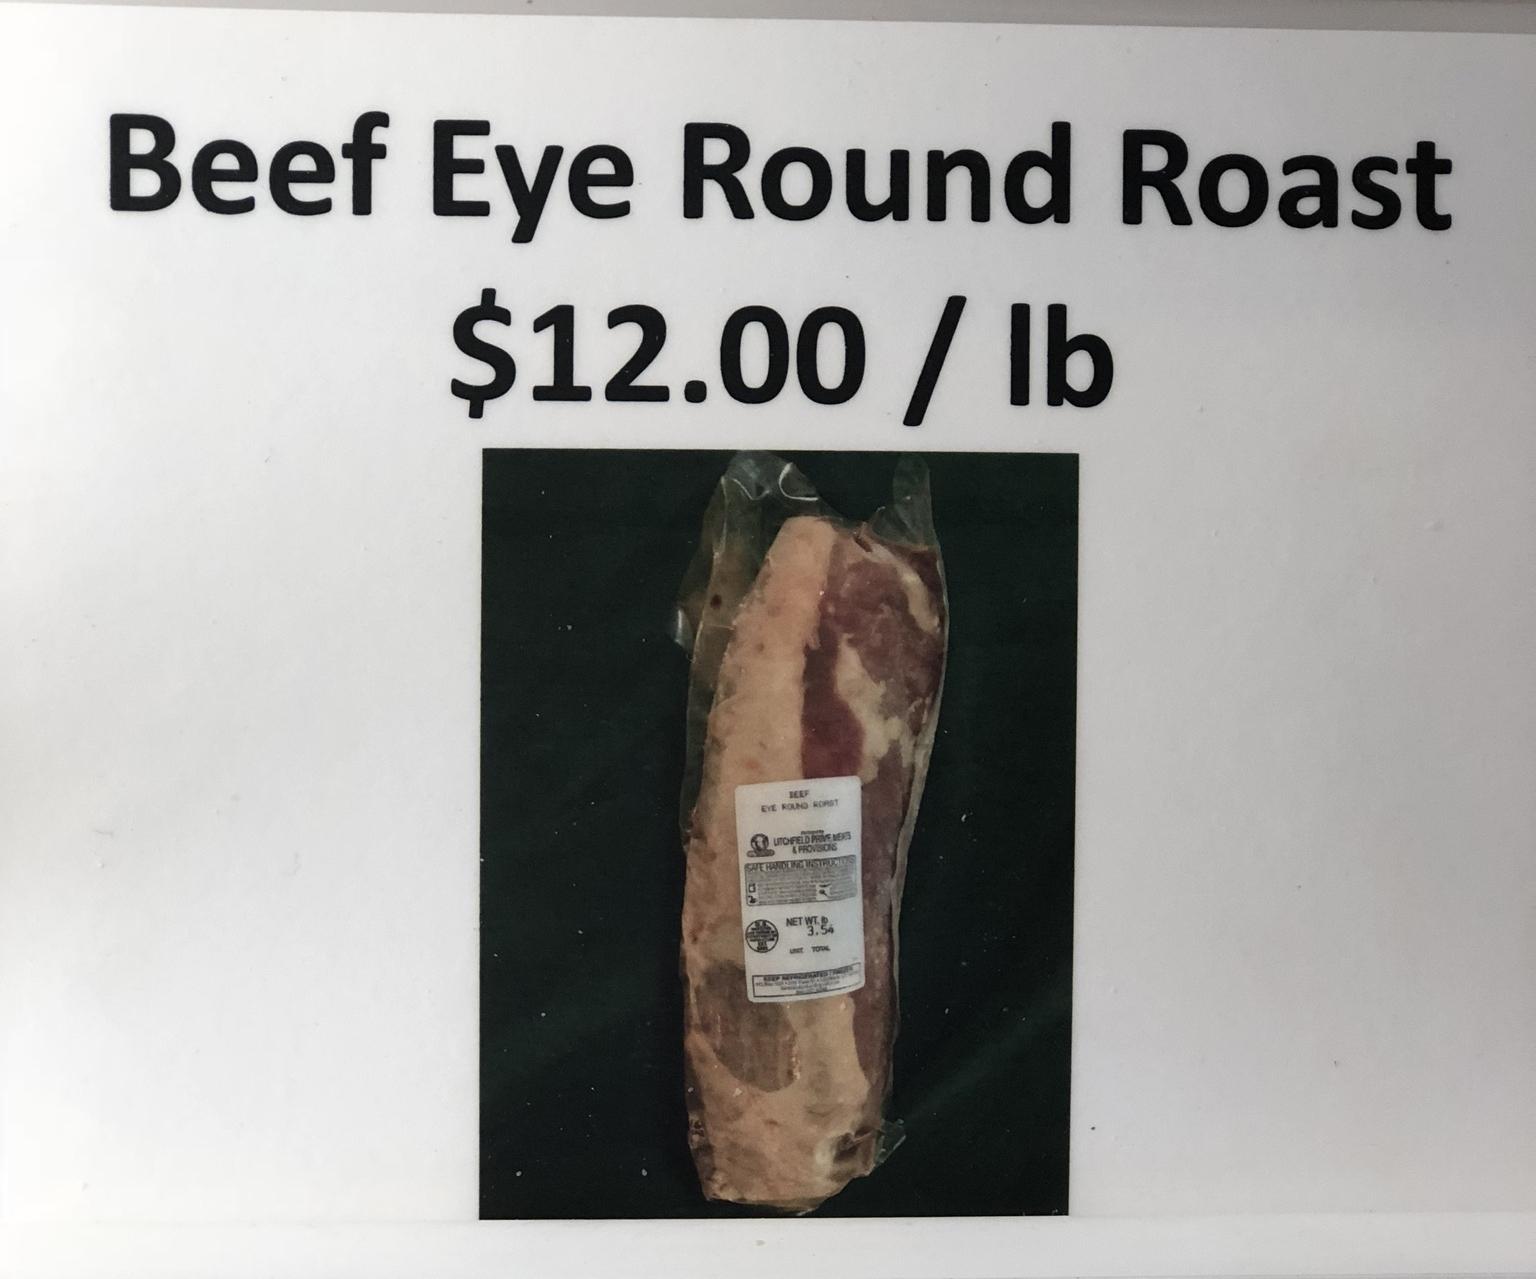 Beef Eye Round Roast